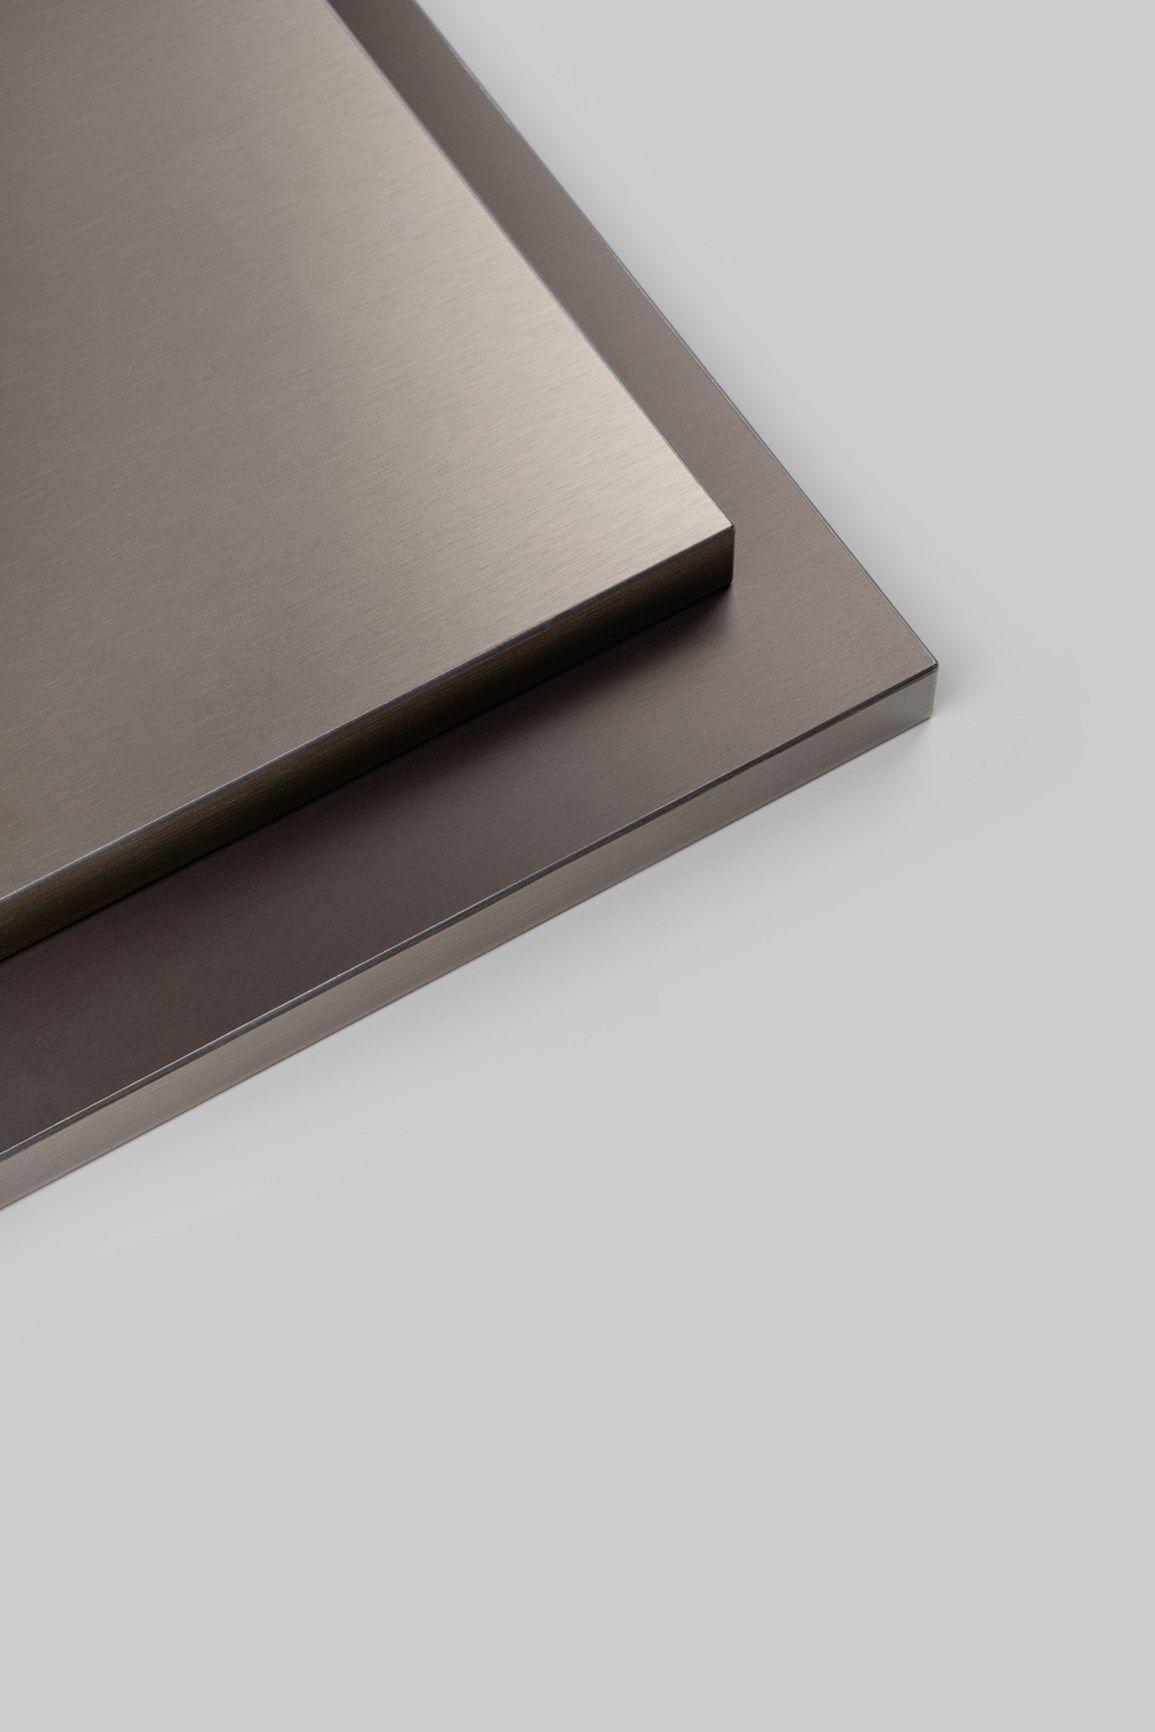 REHAU: effetti metallici per mobili brillanti con le nuove finiture RAUVISIO